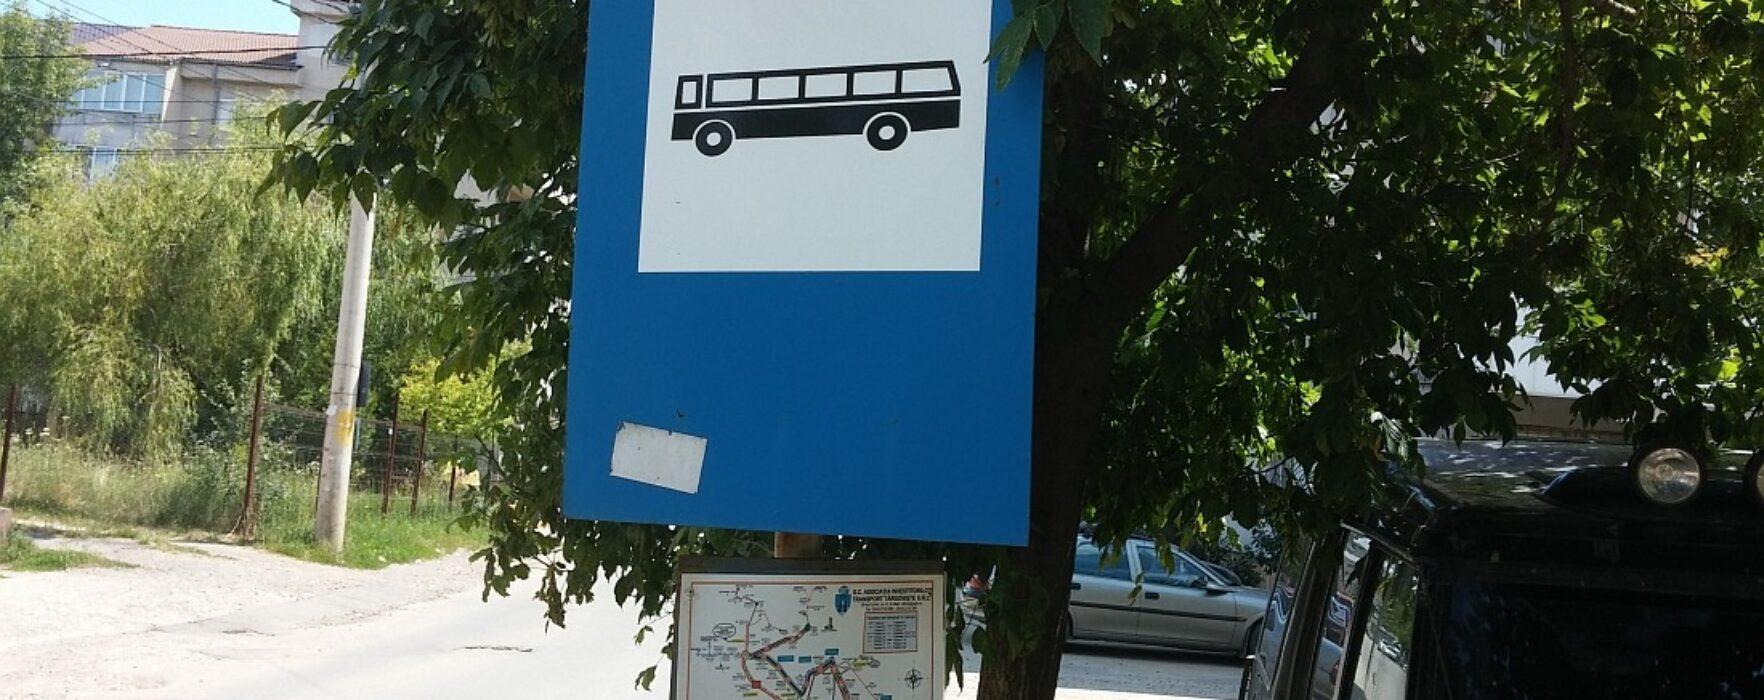 Transport în comun din Târgovişte, modificat din cauza lucrărilor la infrastructură; află cursele anulate